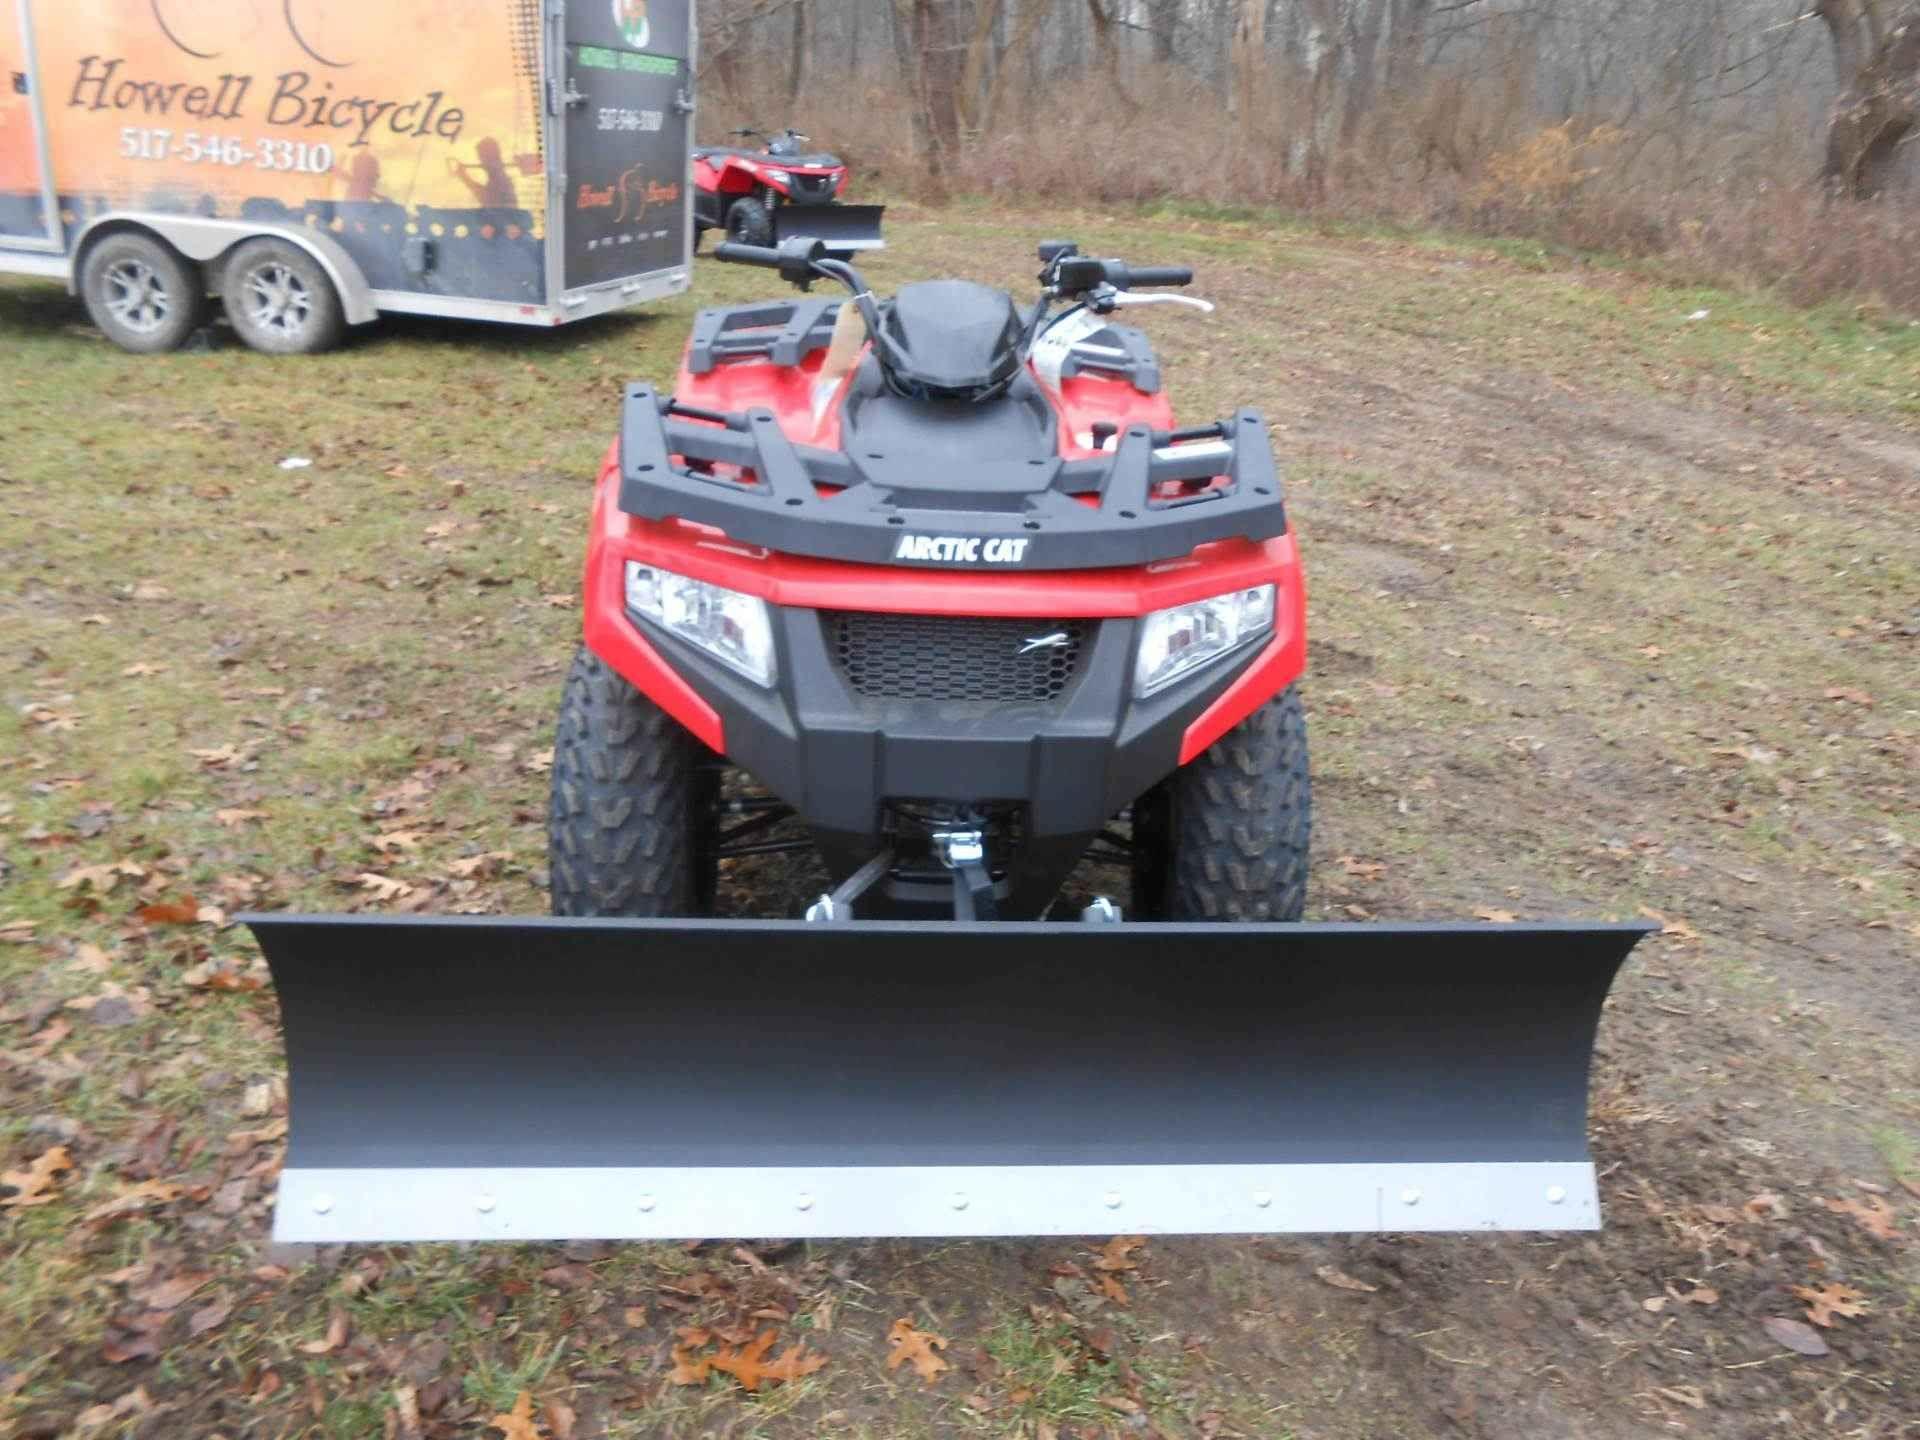 New 2016 Arctic Cat Alterra 450 ATVs For Sale in Michigan ...